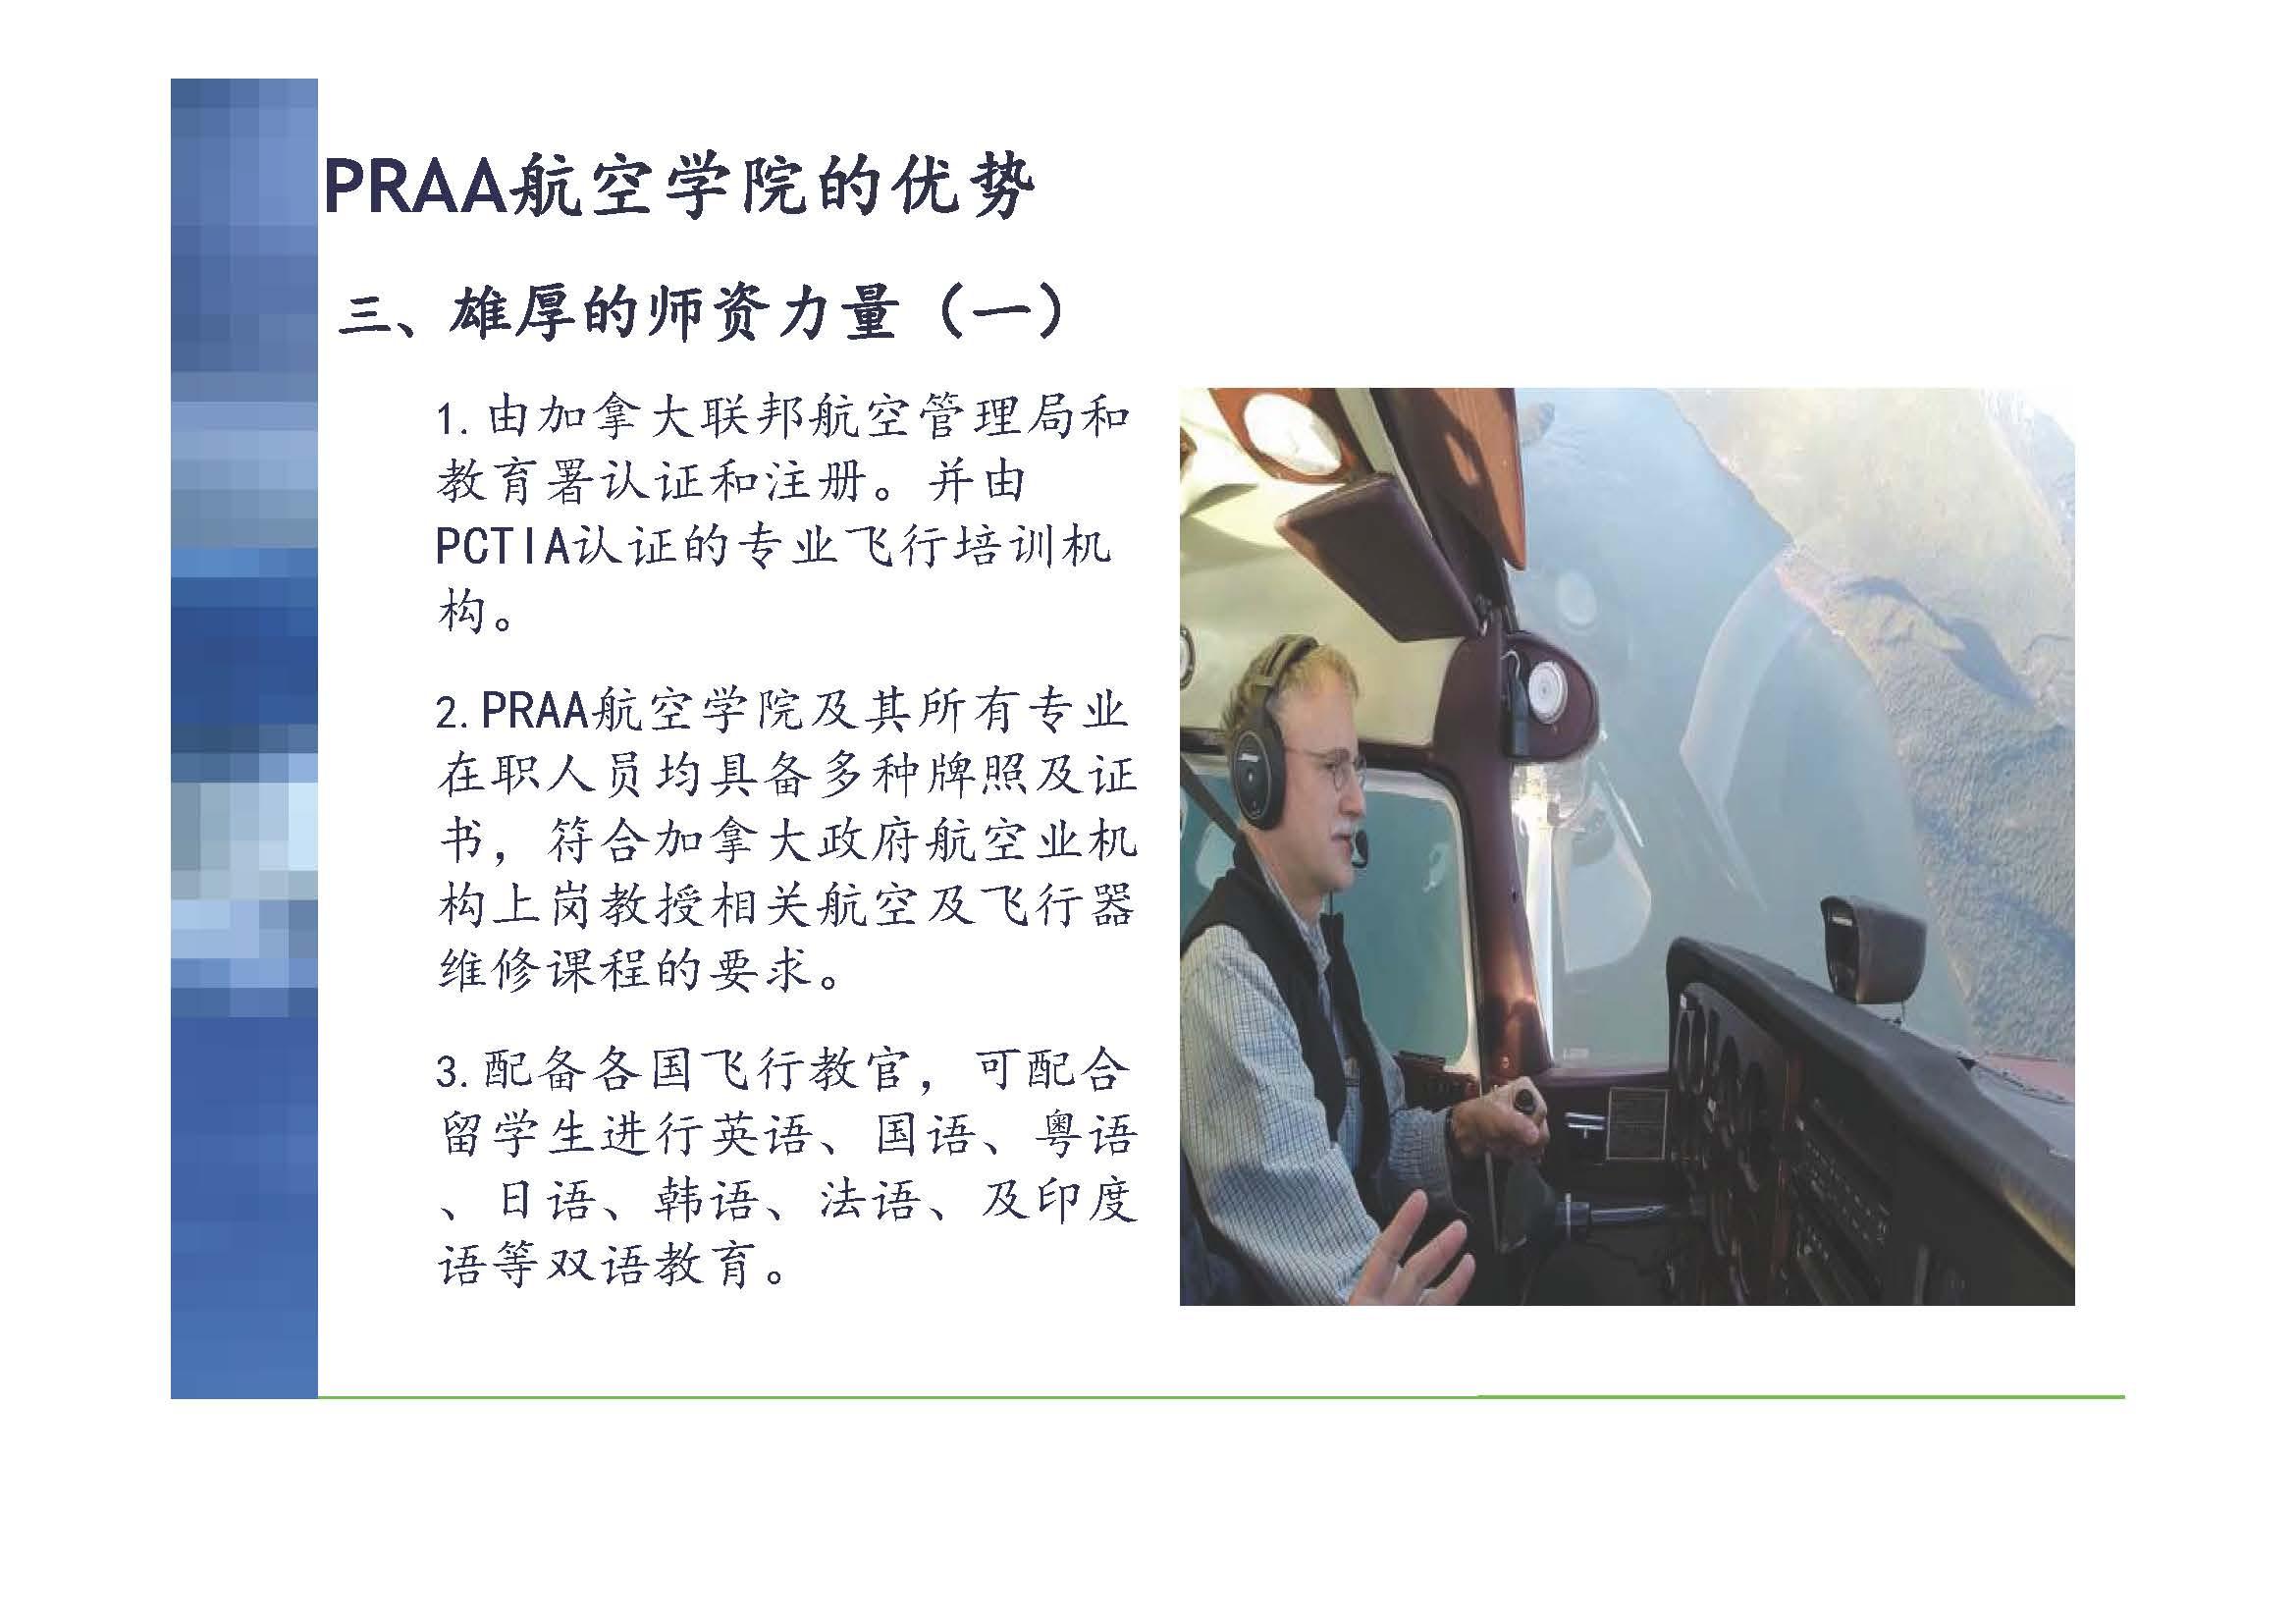 pnpjpg page 10